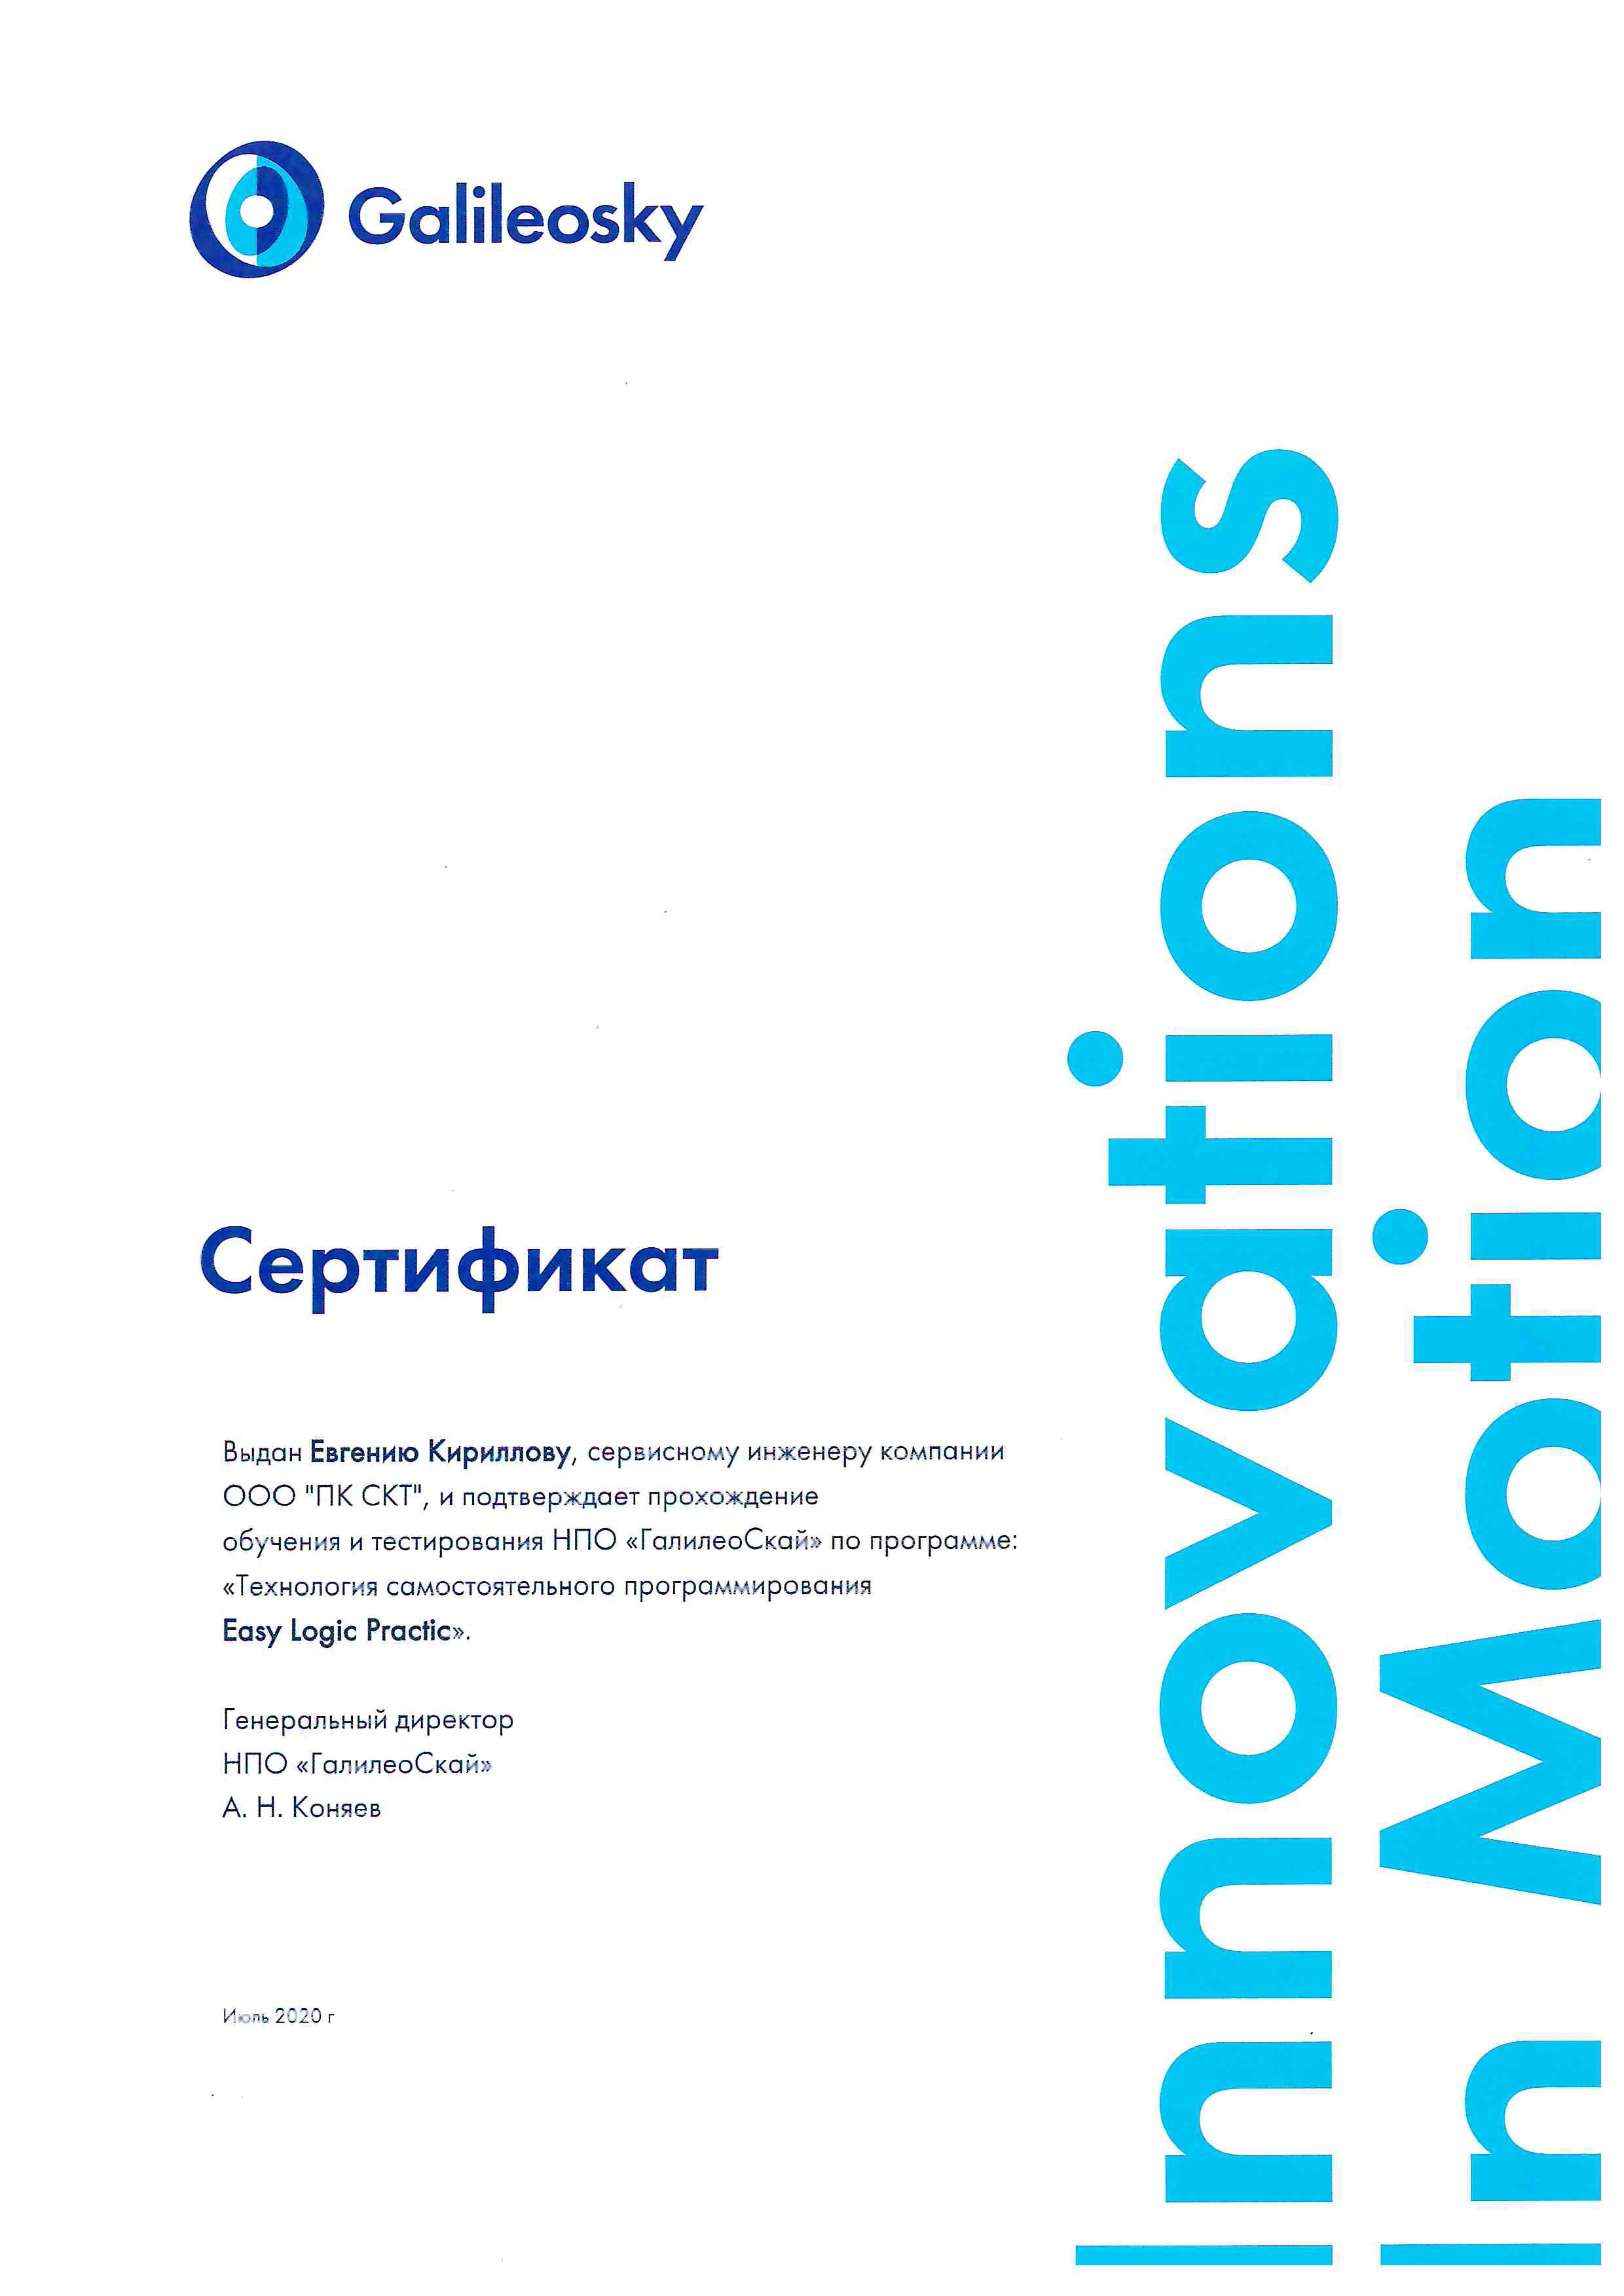 Сертификат Кириллова Е.